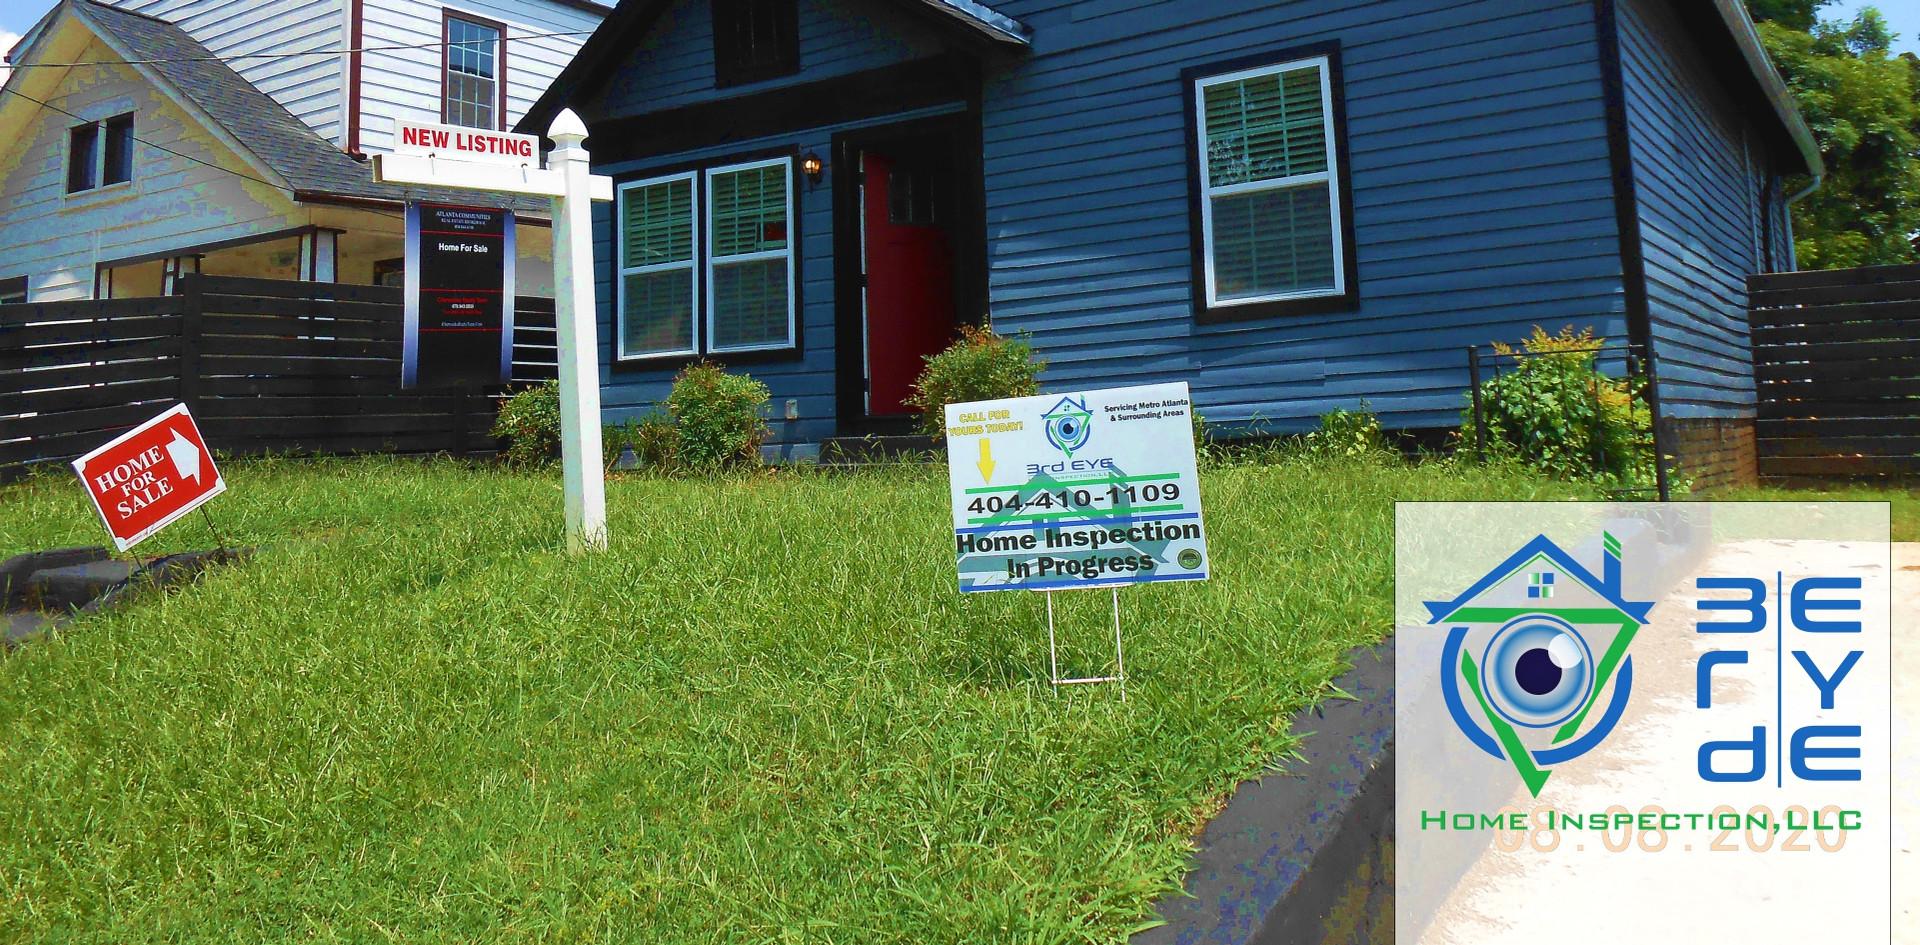 1596 Jonesboro Rd_ 3rd EYE Home Inspecti